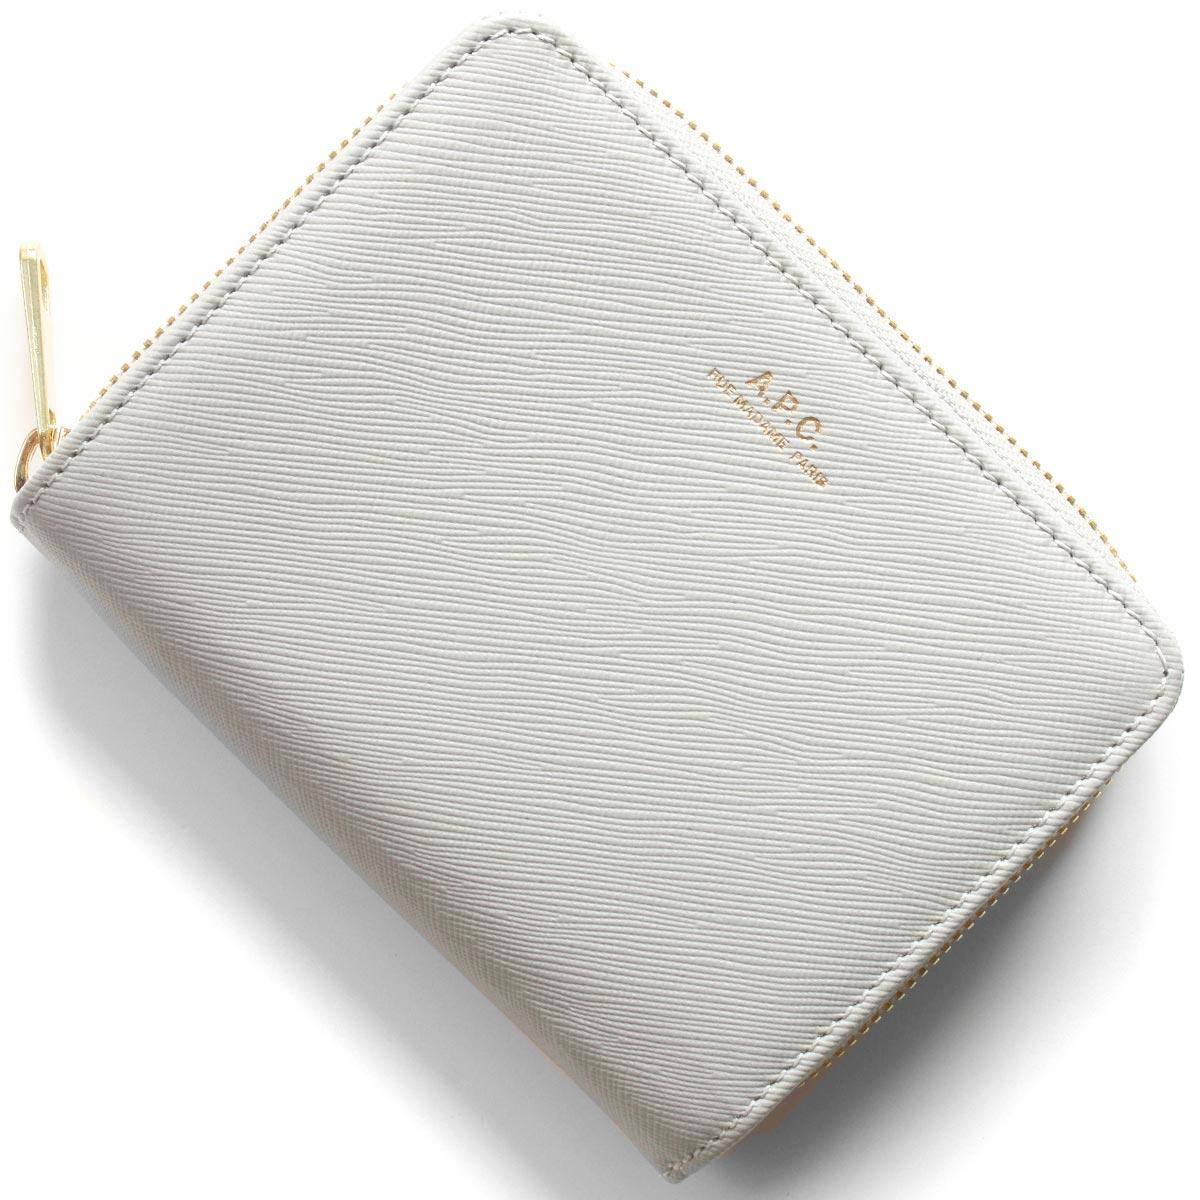 アーペーセー 二つ折り財布 財布 メンズ レディース エマニュエル グリスグレー F63029 PXBJQ LAB A.P.C